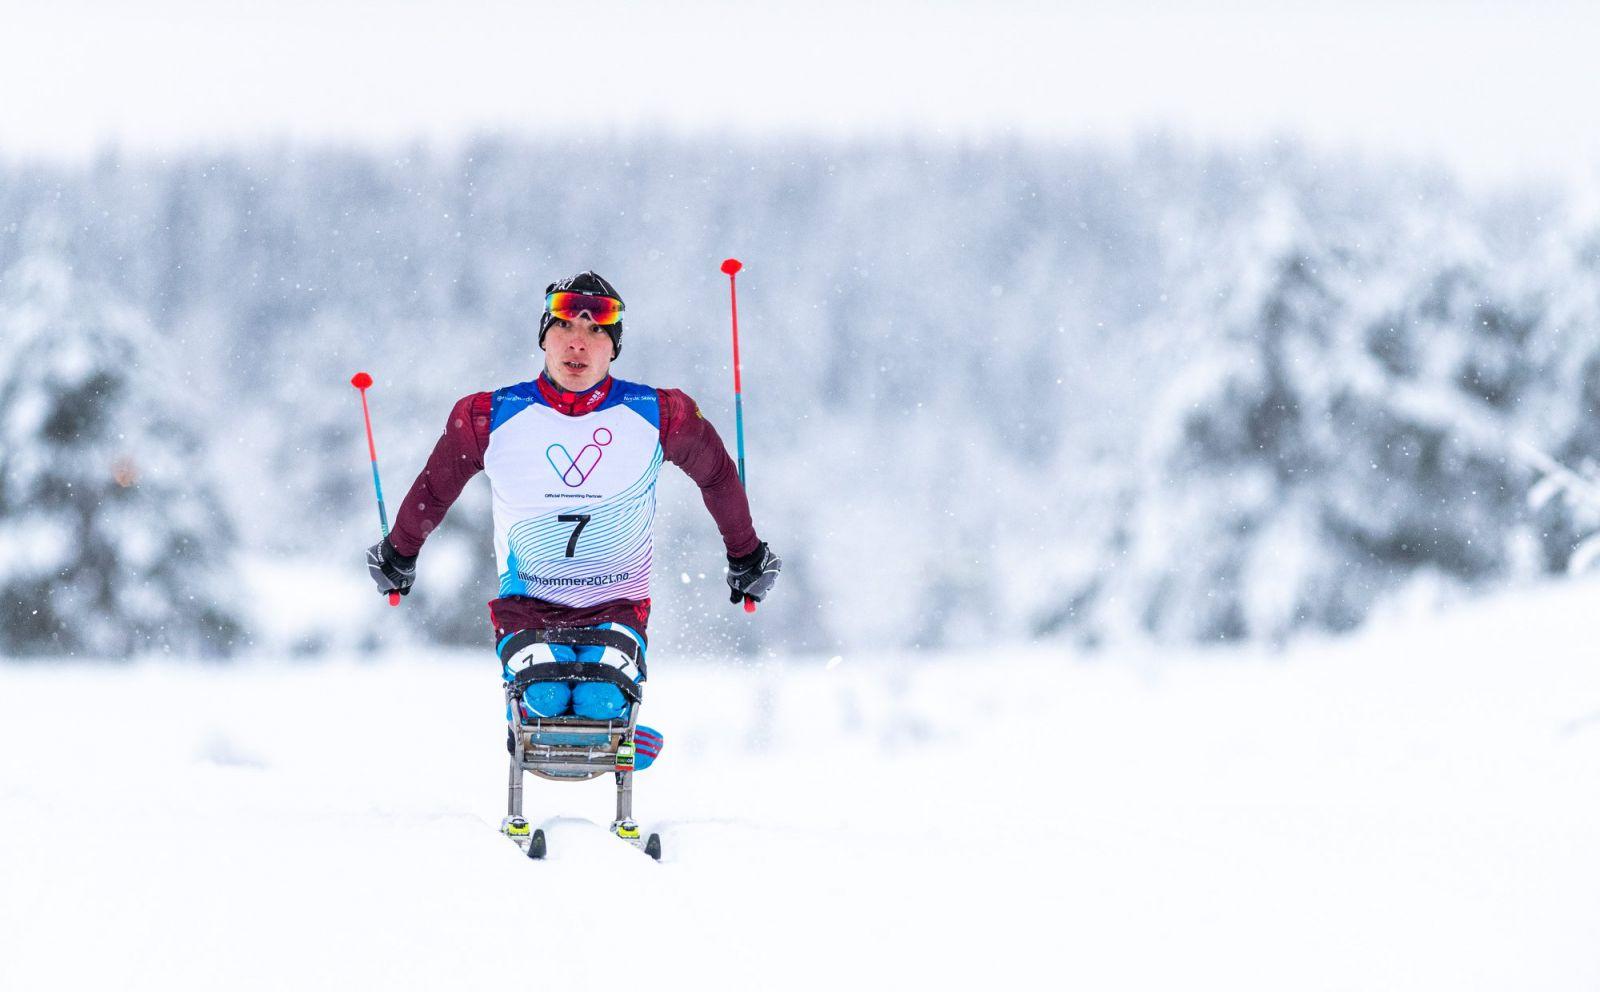 7 золотых, 7 серебряных и 6 бронзовых медалей завоевала сборная команда России по итогам 2-х дней этапа Кубка мира МПК по лыжным гонкам и биатлону в Норвегии